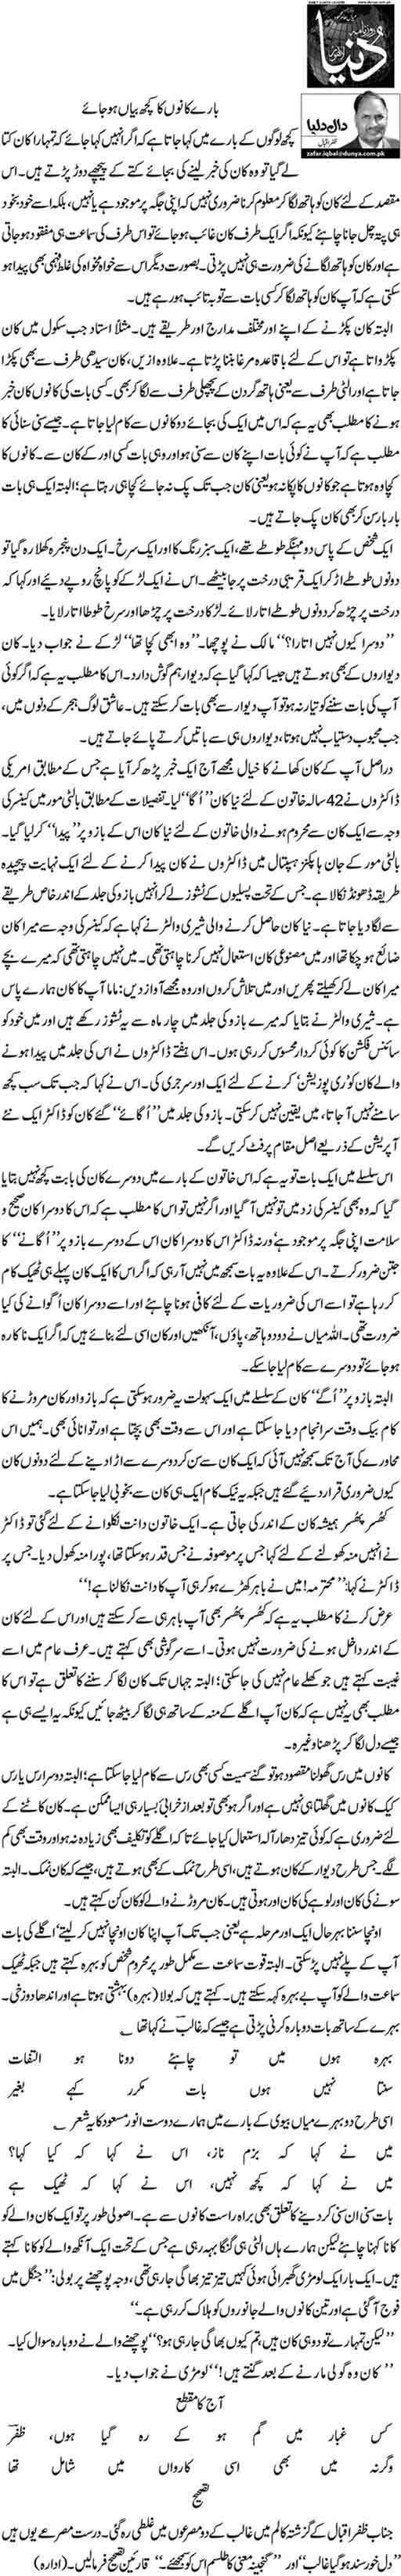 Baray kanoon ka kuch bayyan ho jay - Zafar Iqbal